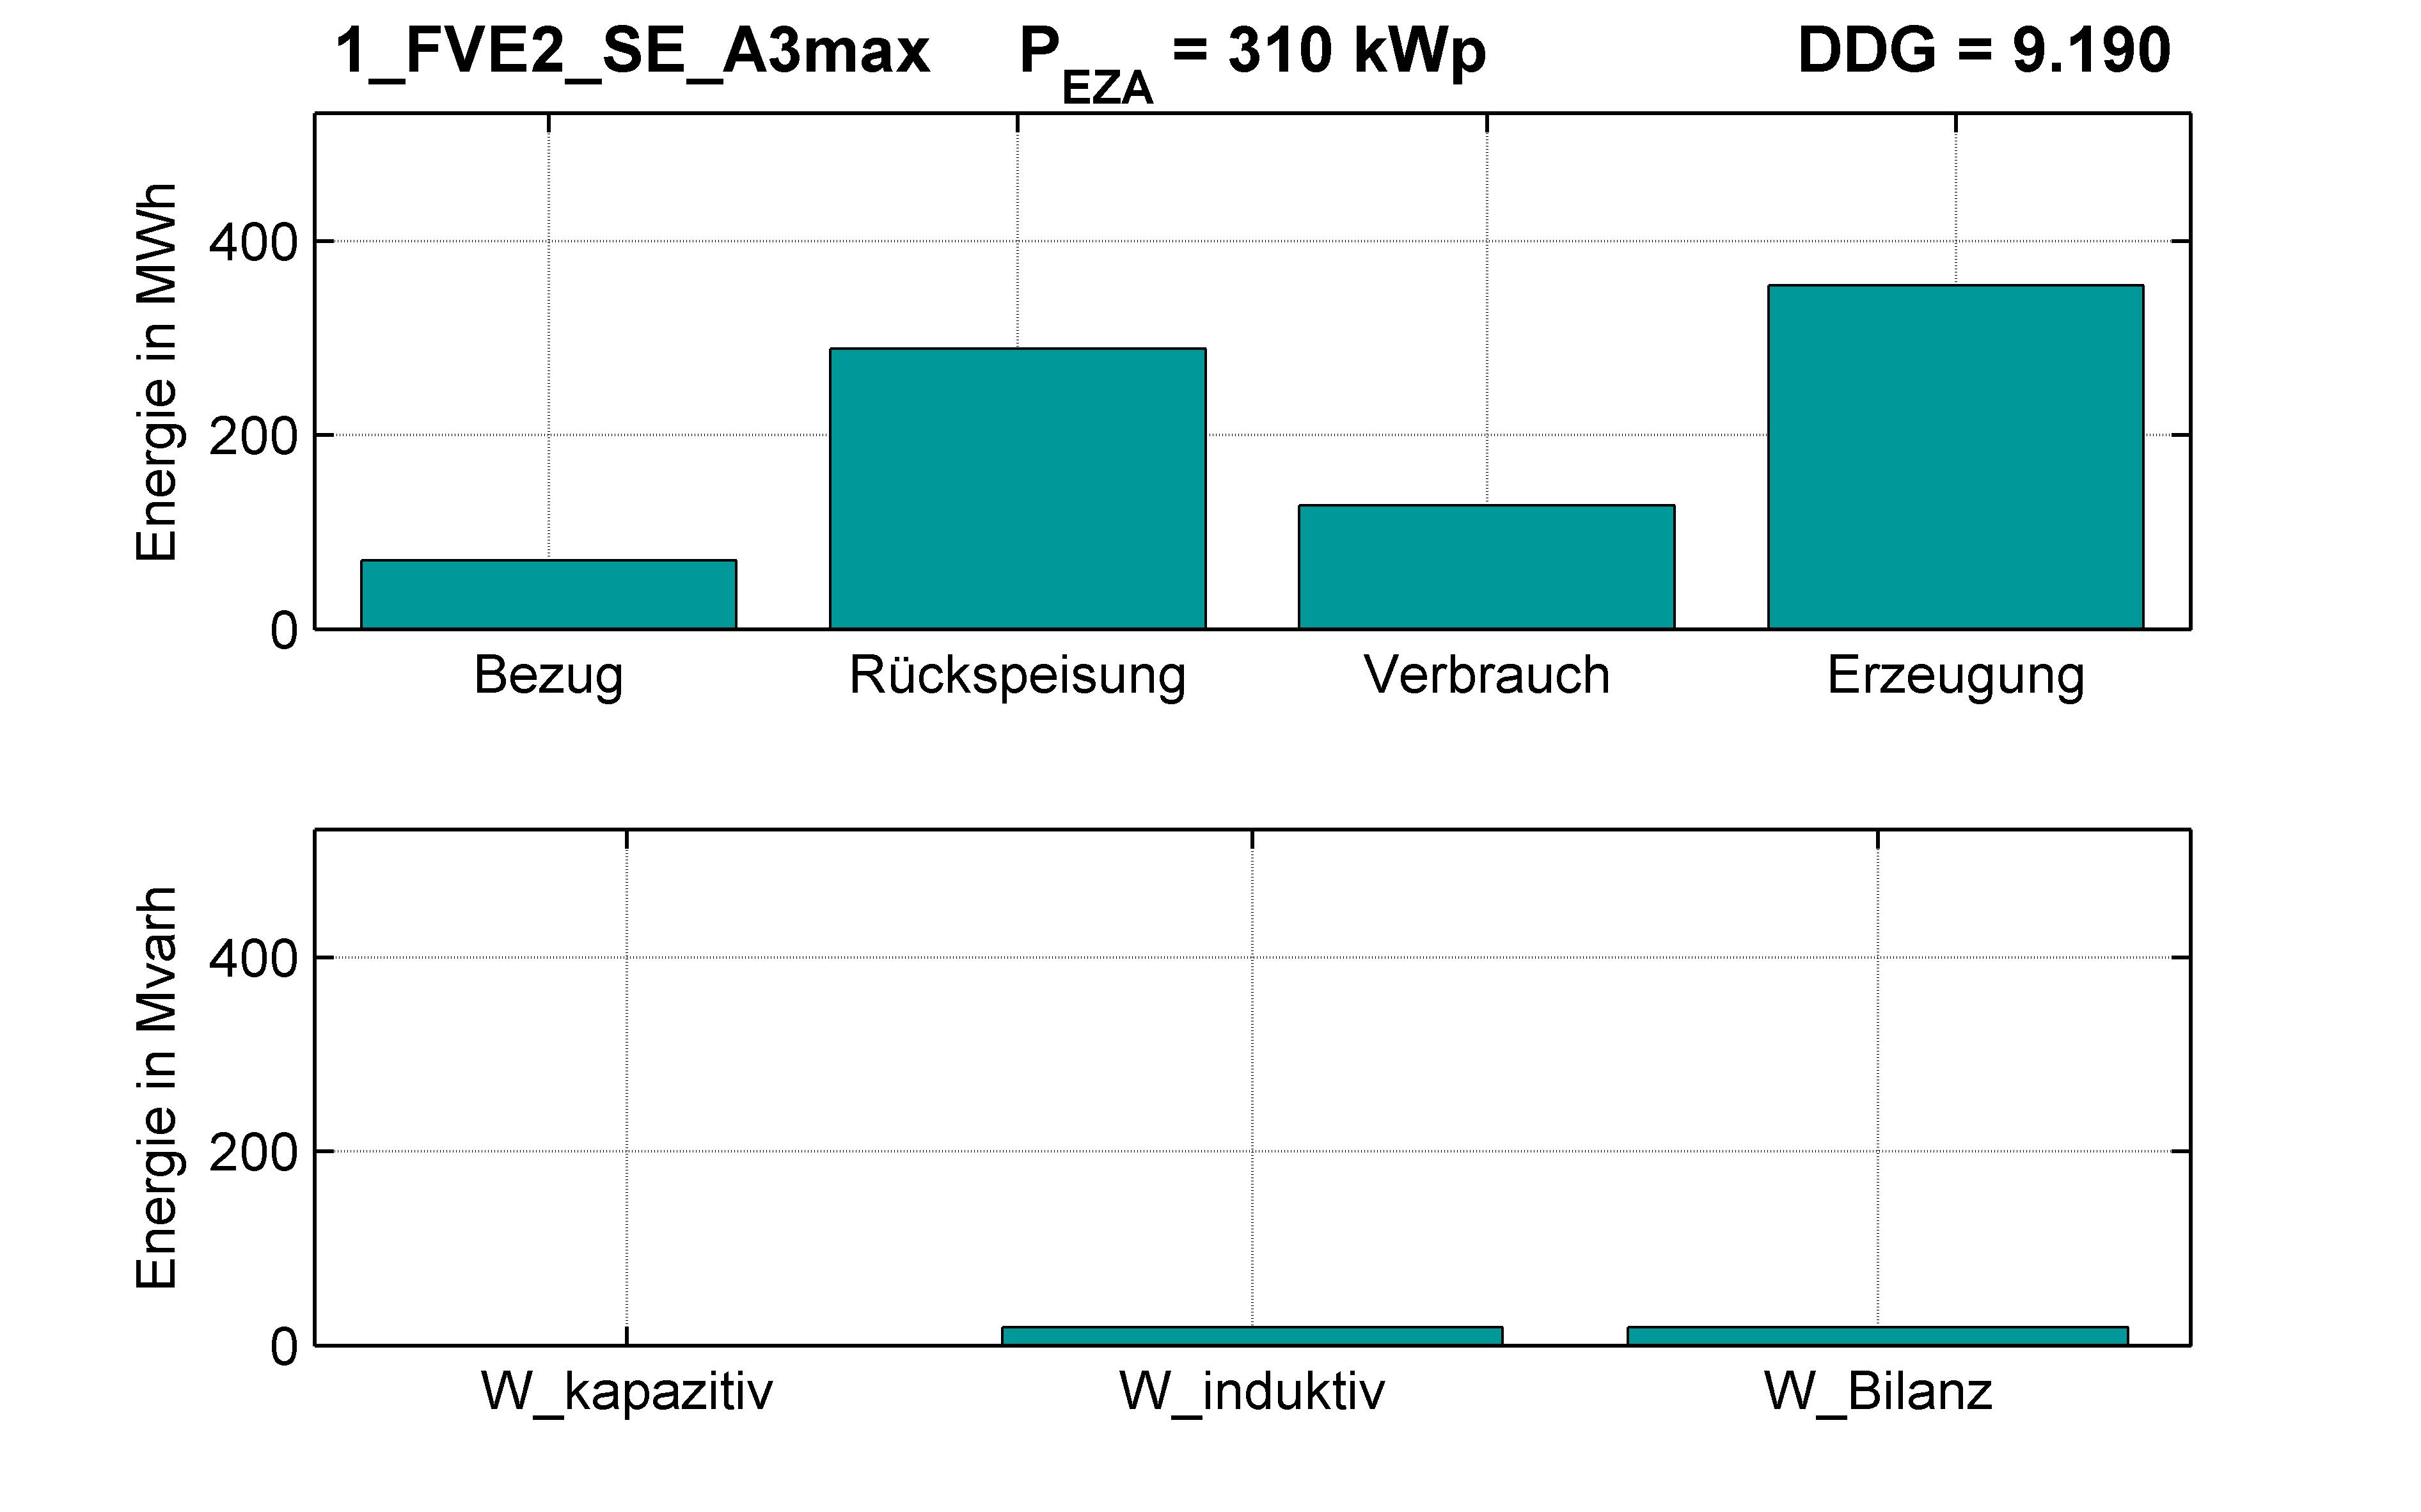 FVE2 | KABEL (SE) A3max | PQ-Bilanz